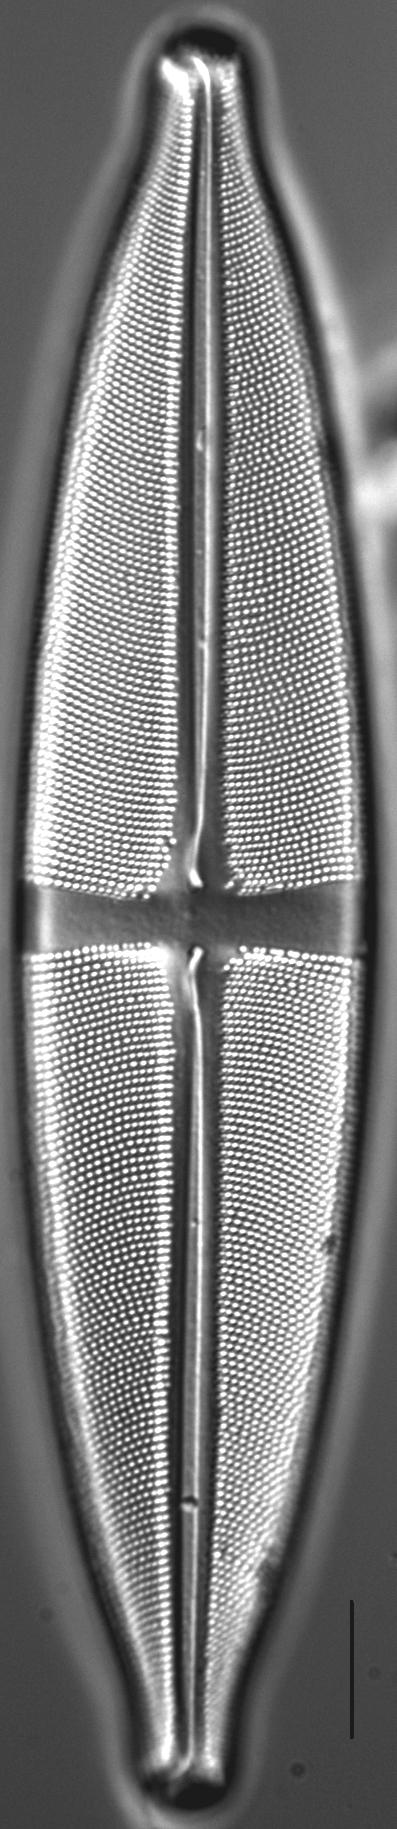 Stauroneis heinii LM4